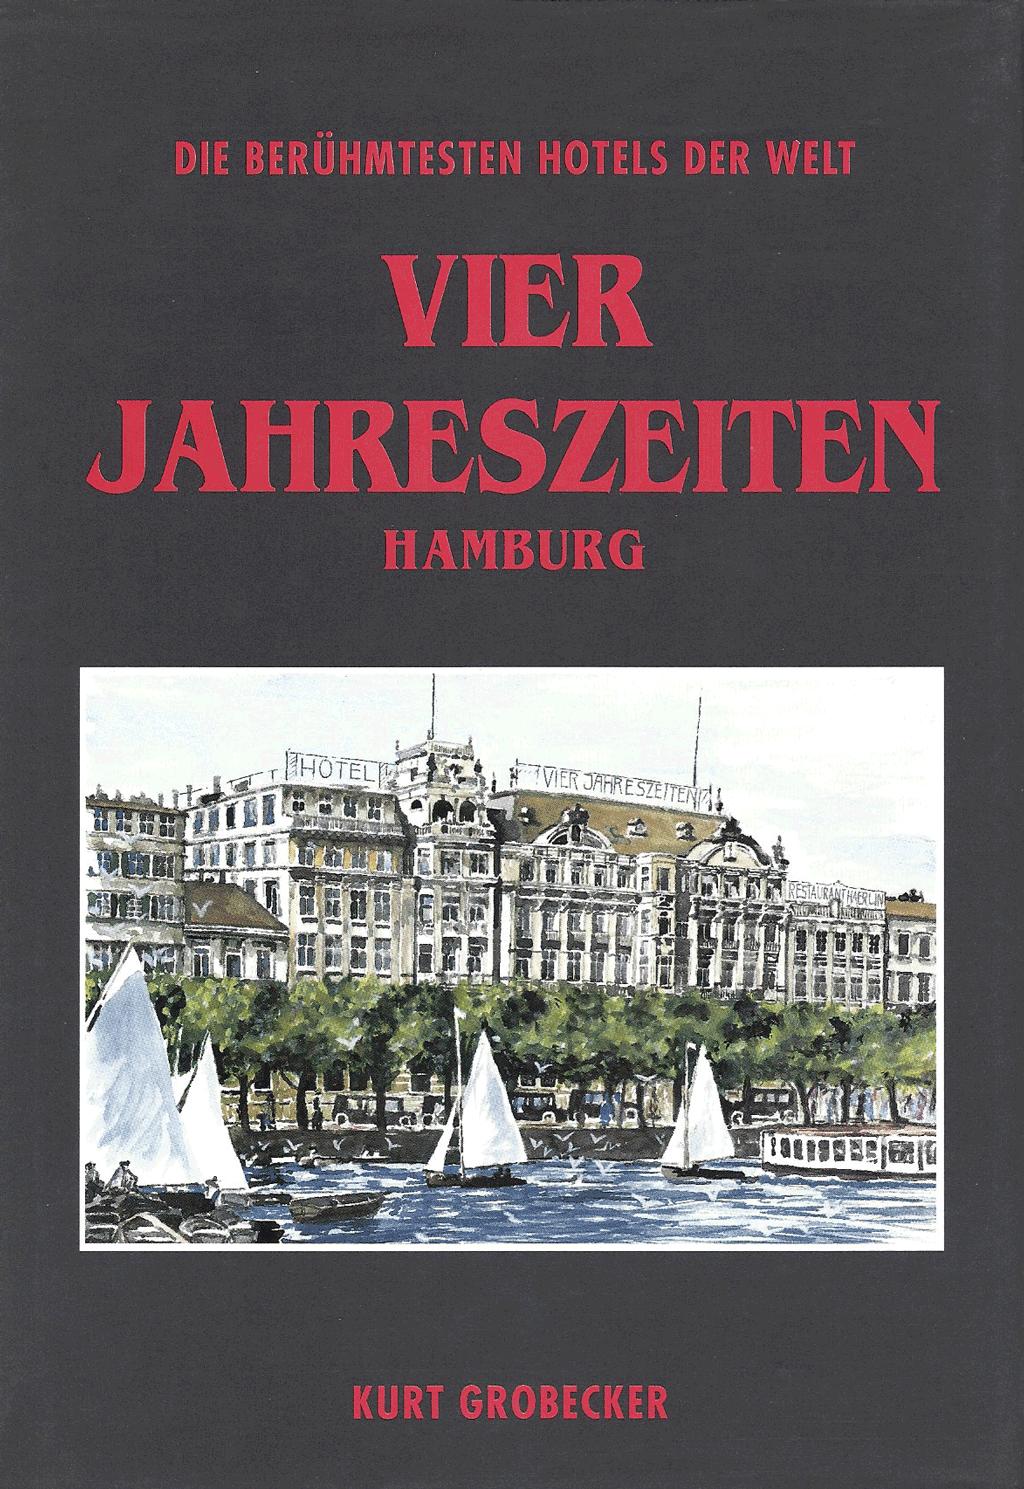 Vier Jahreszeiten – Hamburg, Deutschland (Deutsch)